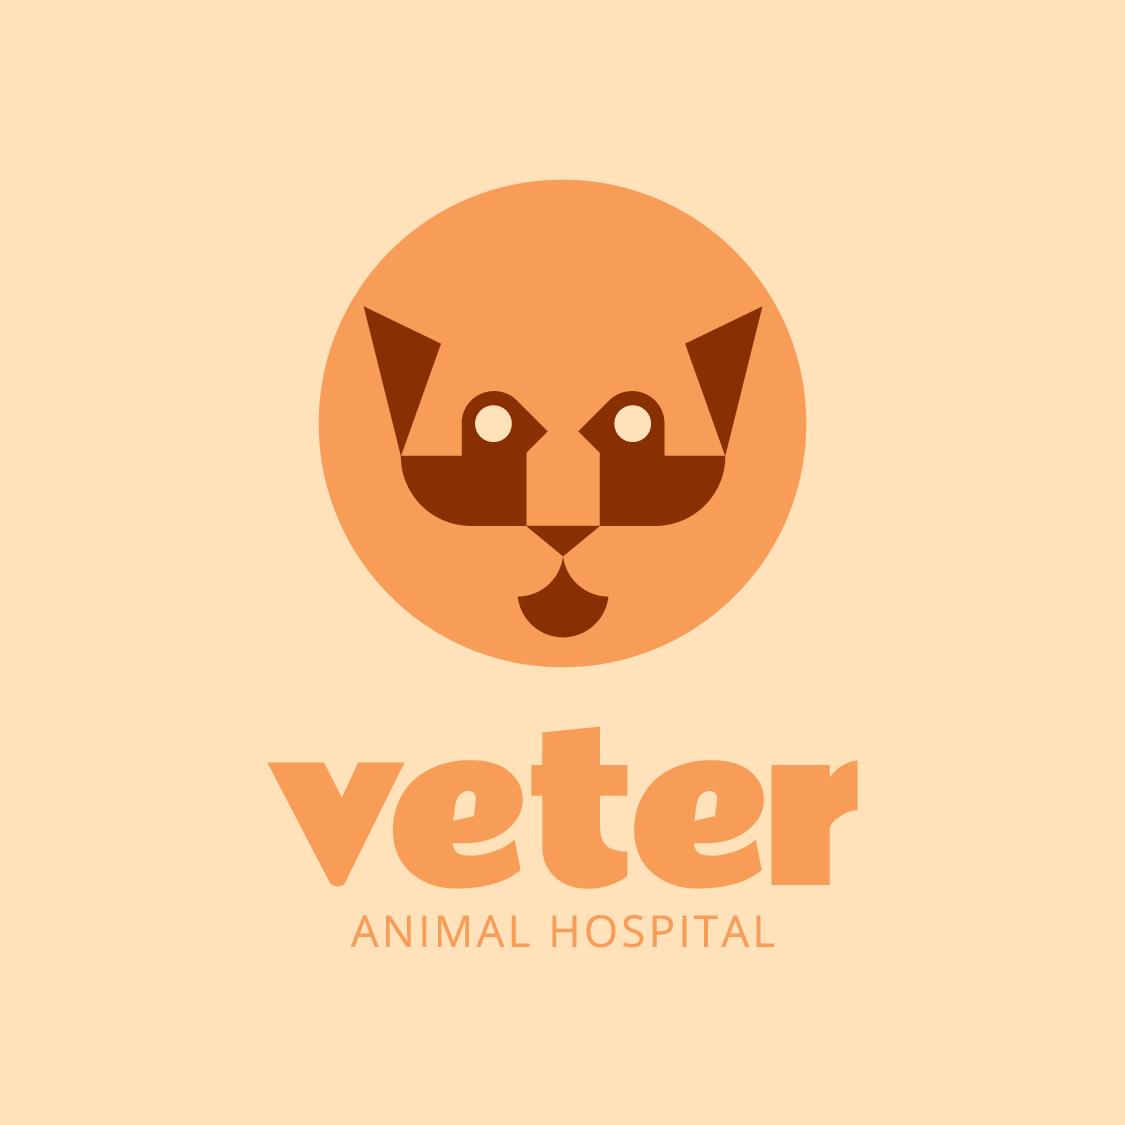 Logo design thumbnail for Veter Animal Hospital